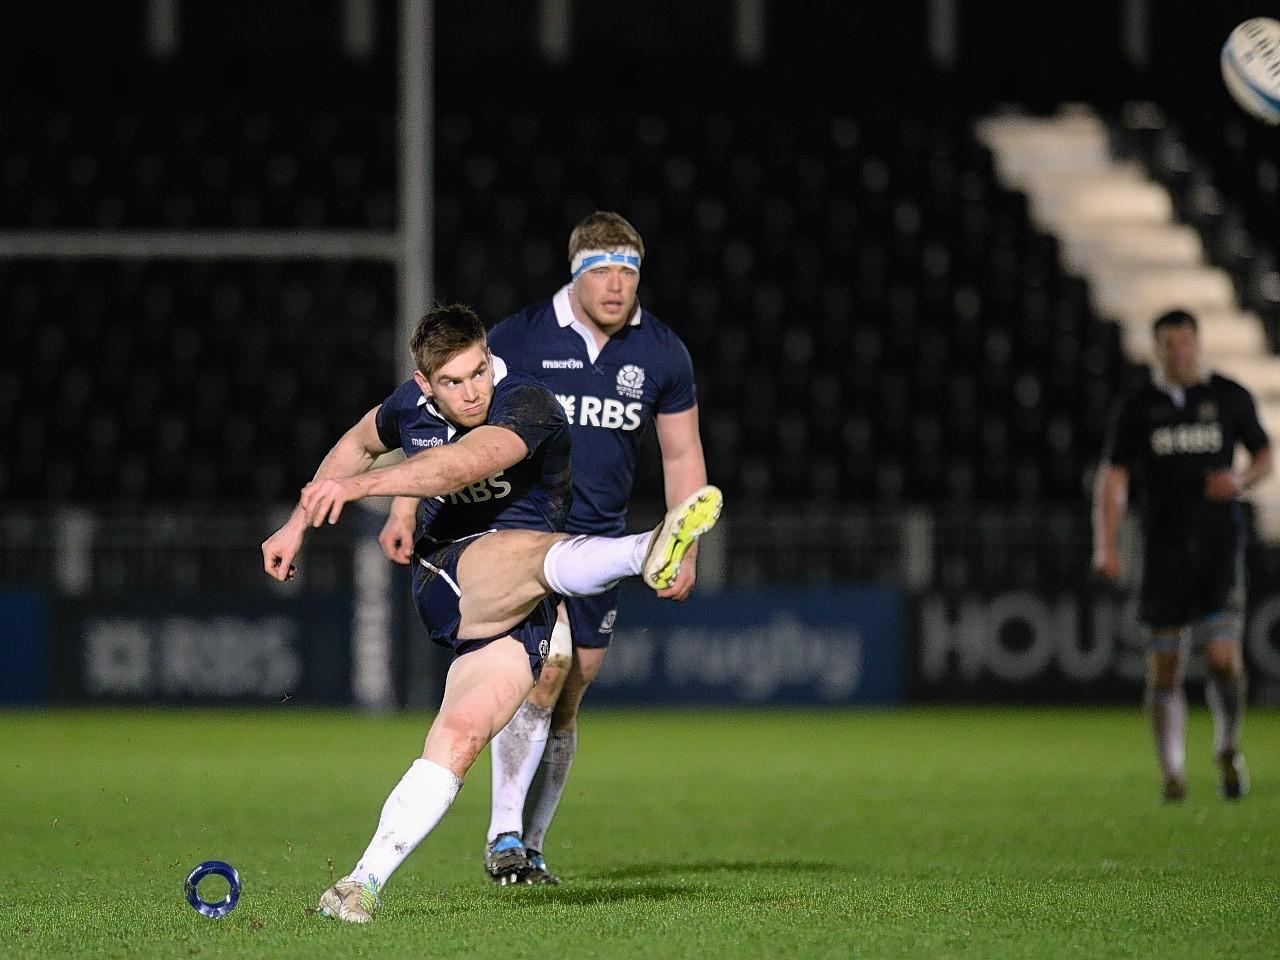 Tom Heathcote kicking for Scotland A